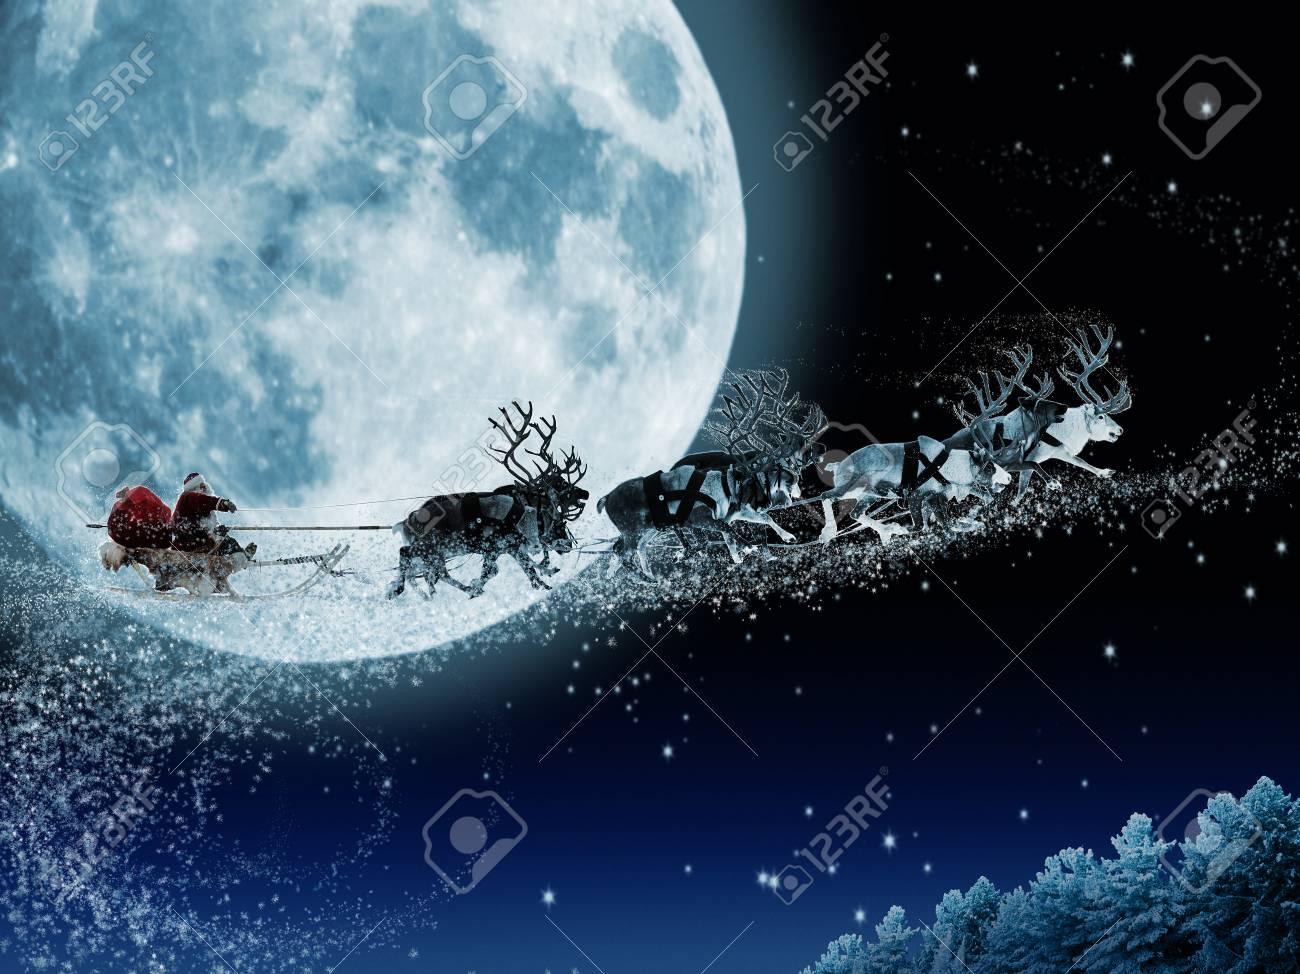 Imagenes De Papanoel En Movimiento.Papa Noel Consigue Un Movimiento Para Montar En Sus Renos El Trineo De Santa Claus Magico Que Vuela Sobre El Bosque De Hadas De Navidad En El Fondo